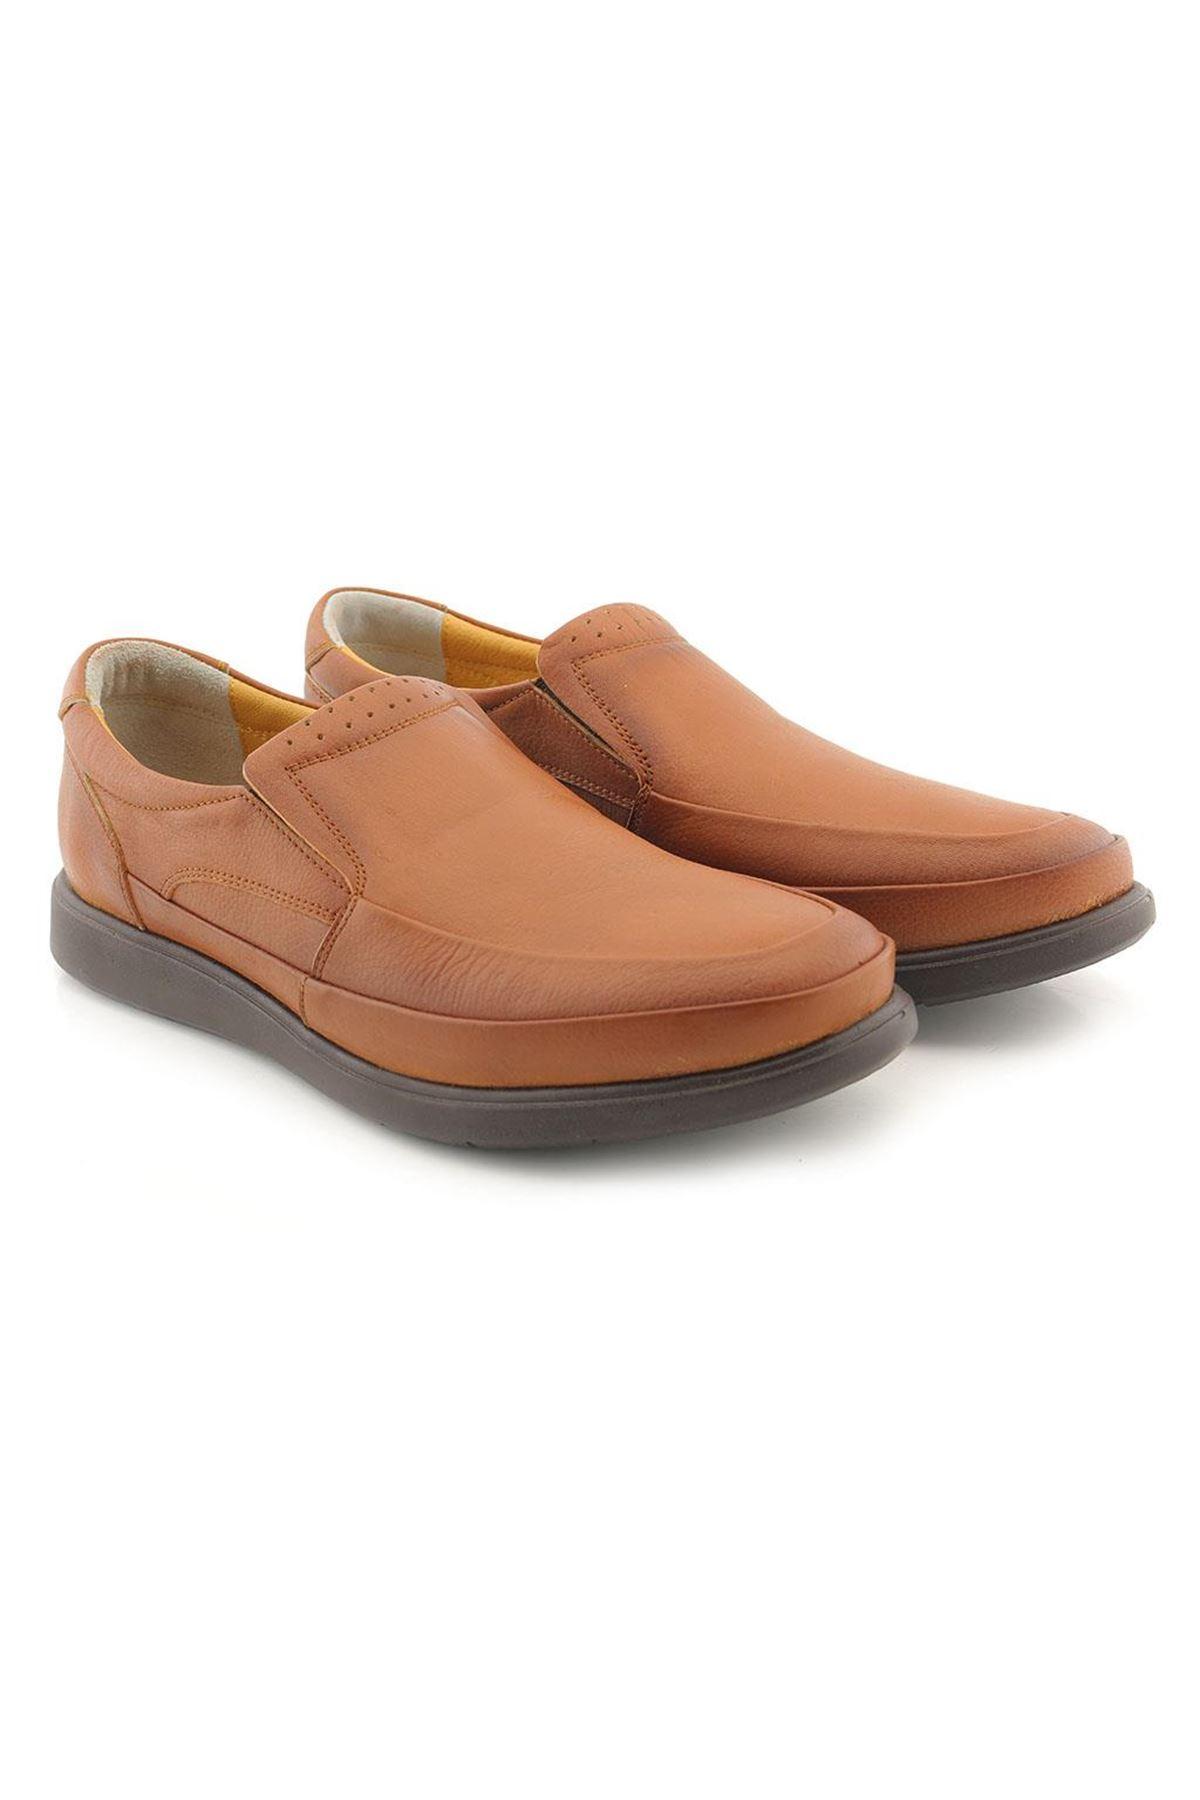 Meros 302 Hakiki Deri İç Dış Anatomik Erkek Ayakkabı